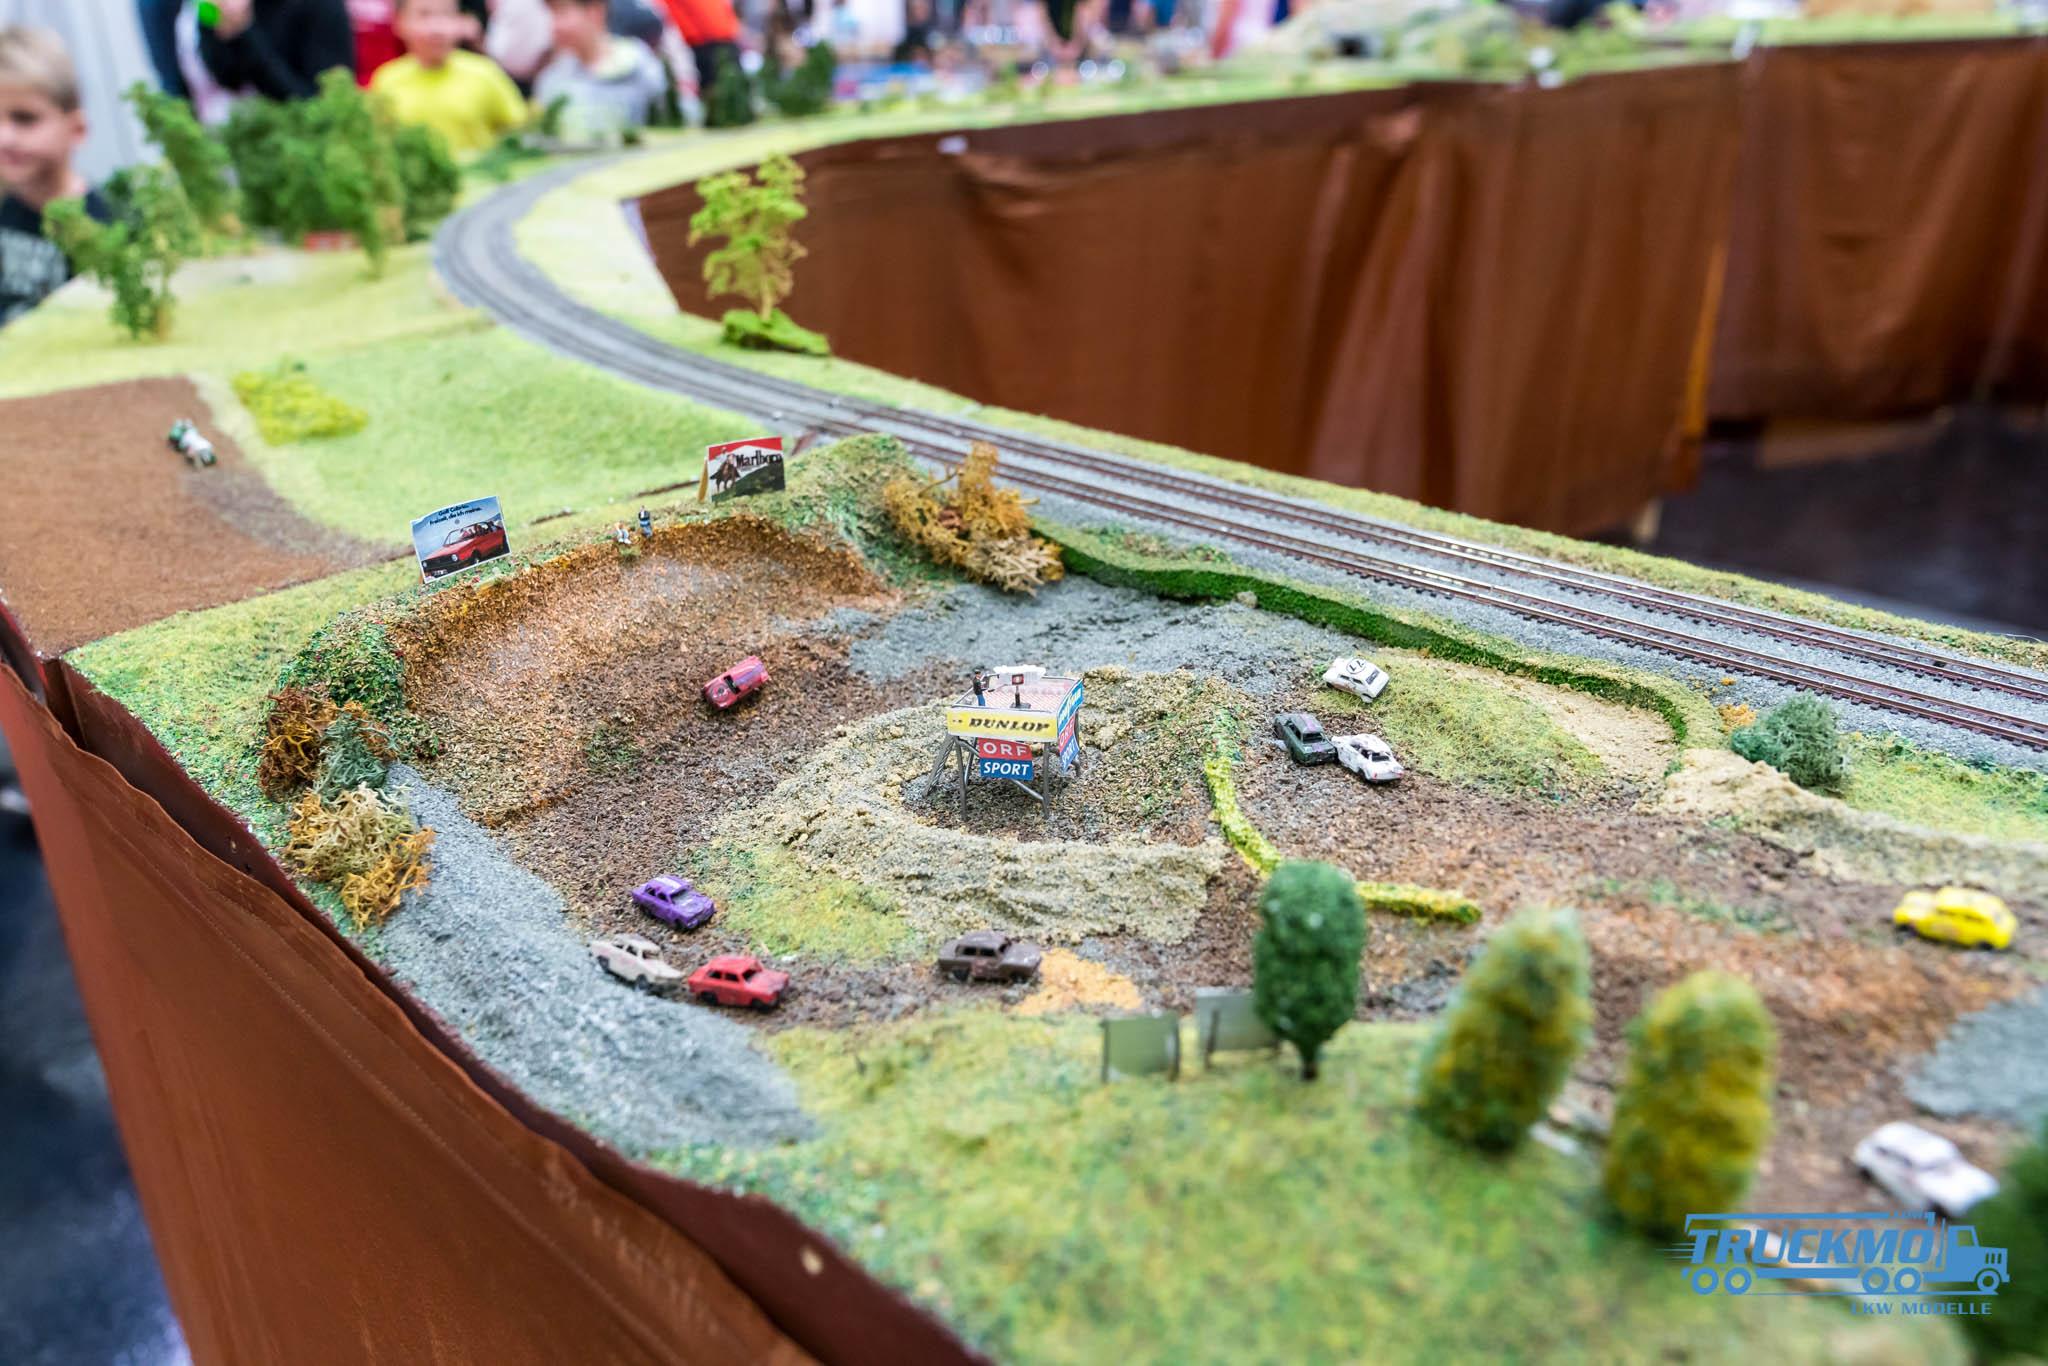 Truckmo_Modellbau_Ried_2017_Herpa_Messe_Modellbauausstellung (124 von 1177)